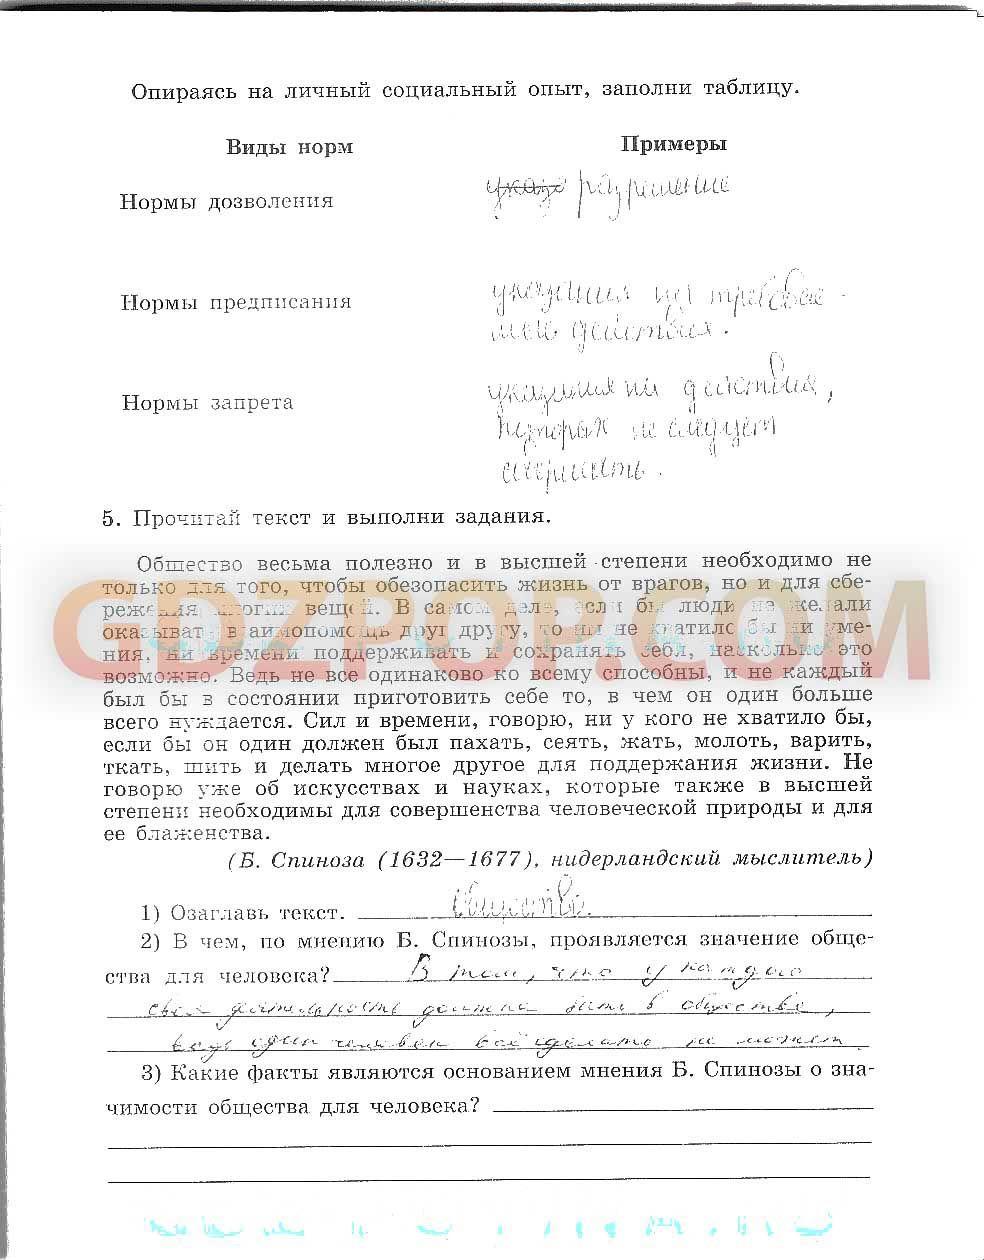 Дидактика гдз по рускому языку упражнение 189 6 класс